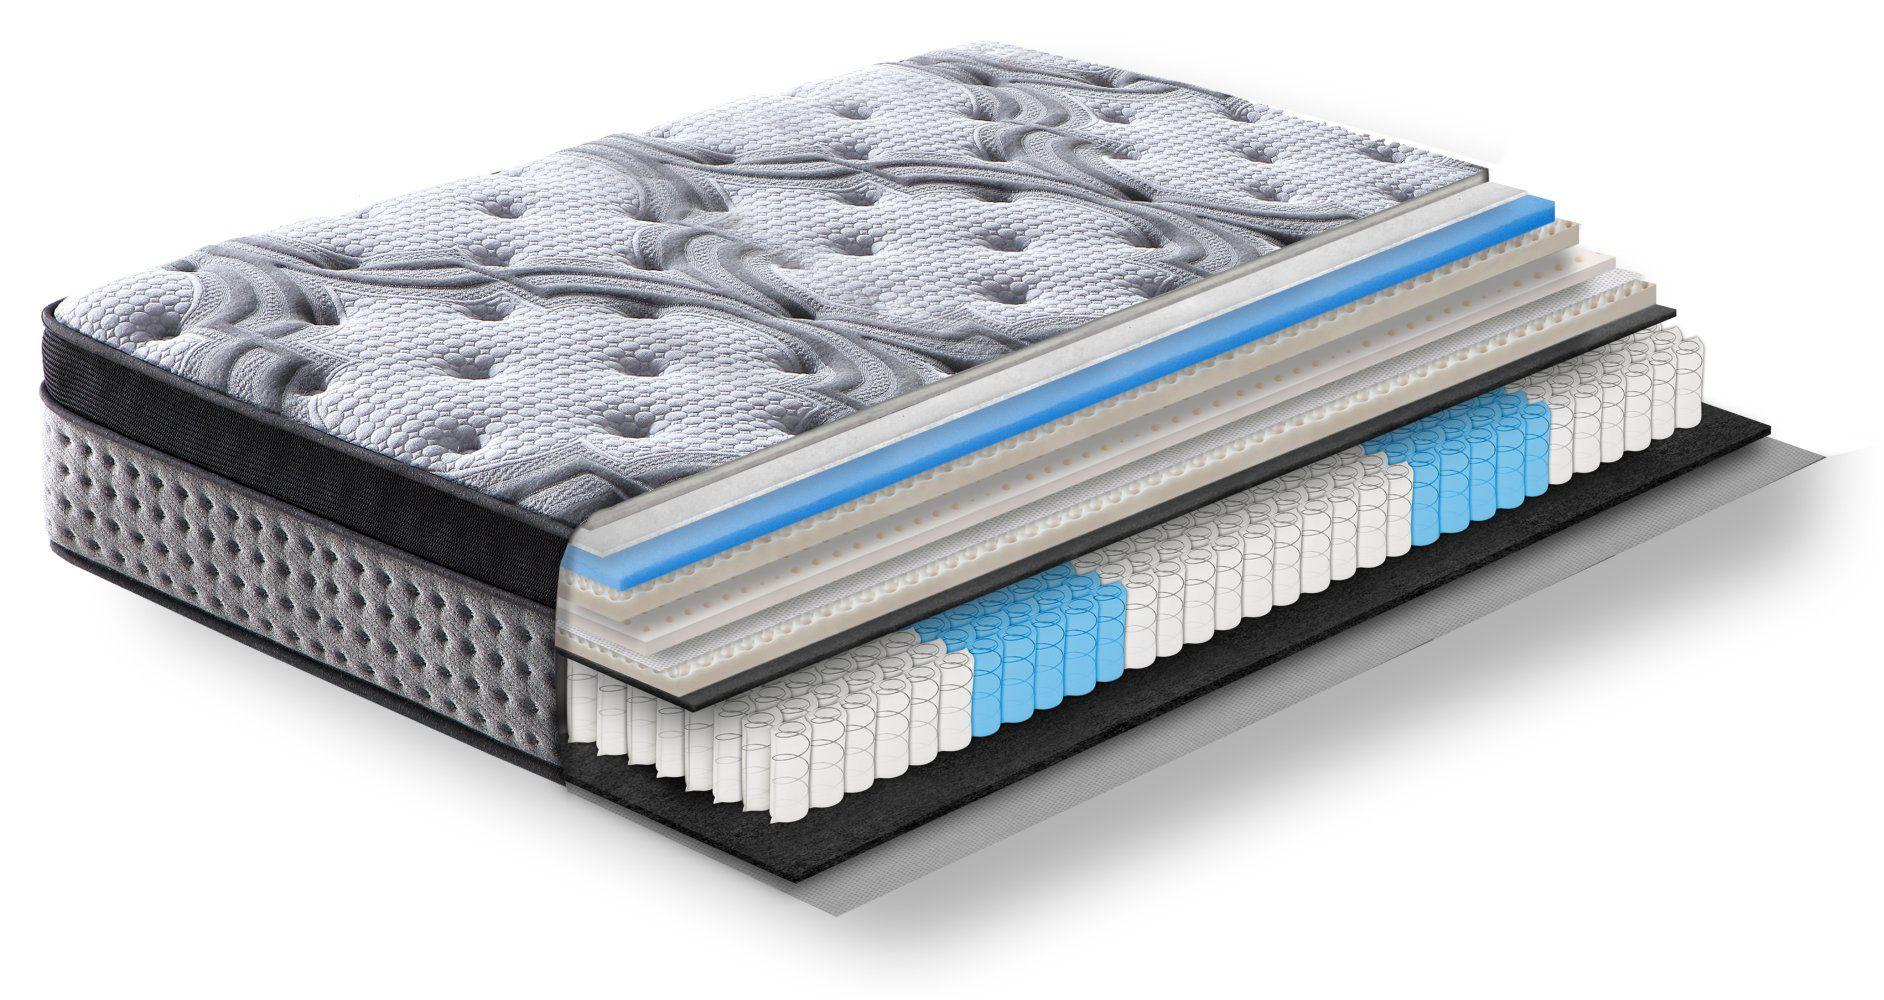 Steiner Premium Matratze Comfort mit 5-Zonen-Taschenfederkern - Größe: 90 x 190 cm, Härtegrad H3-H4, Höhe: 34 cm